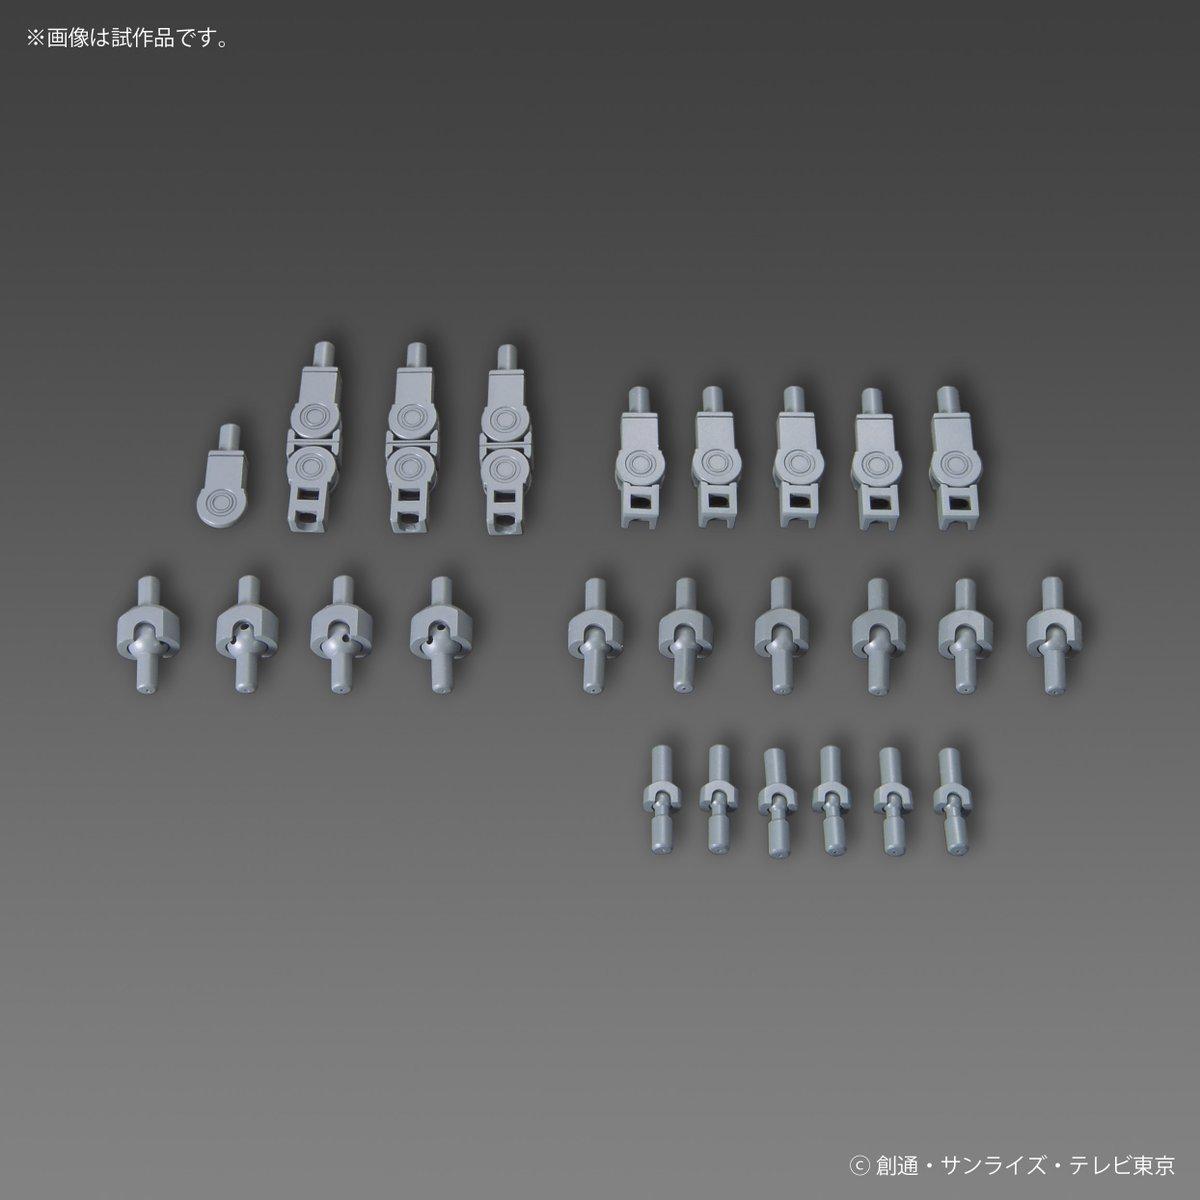 Gundam - Page 86 FsJNilHB_o